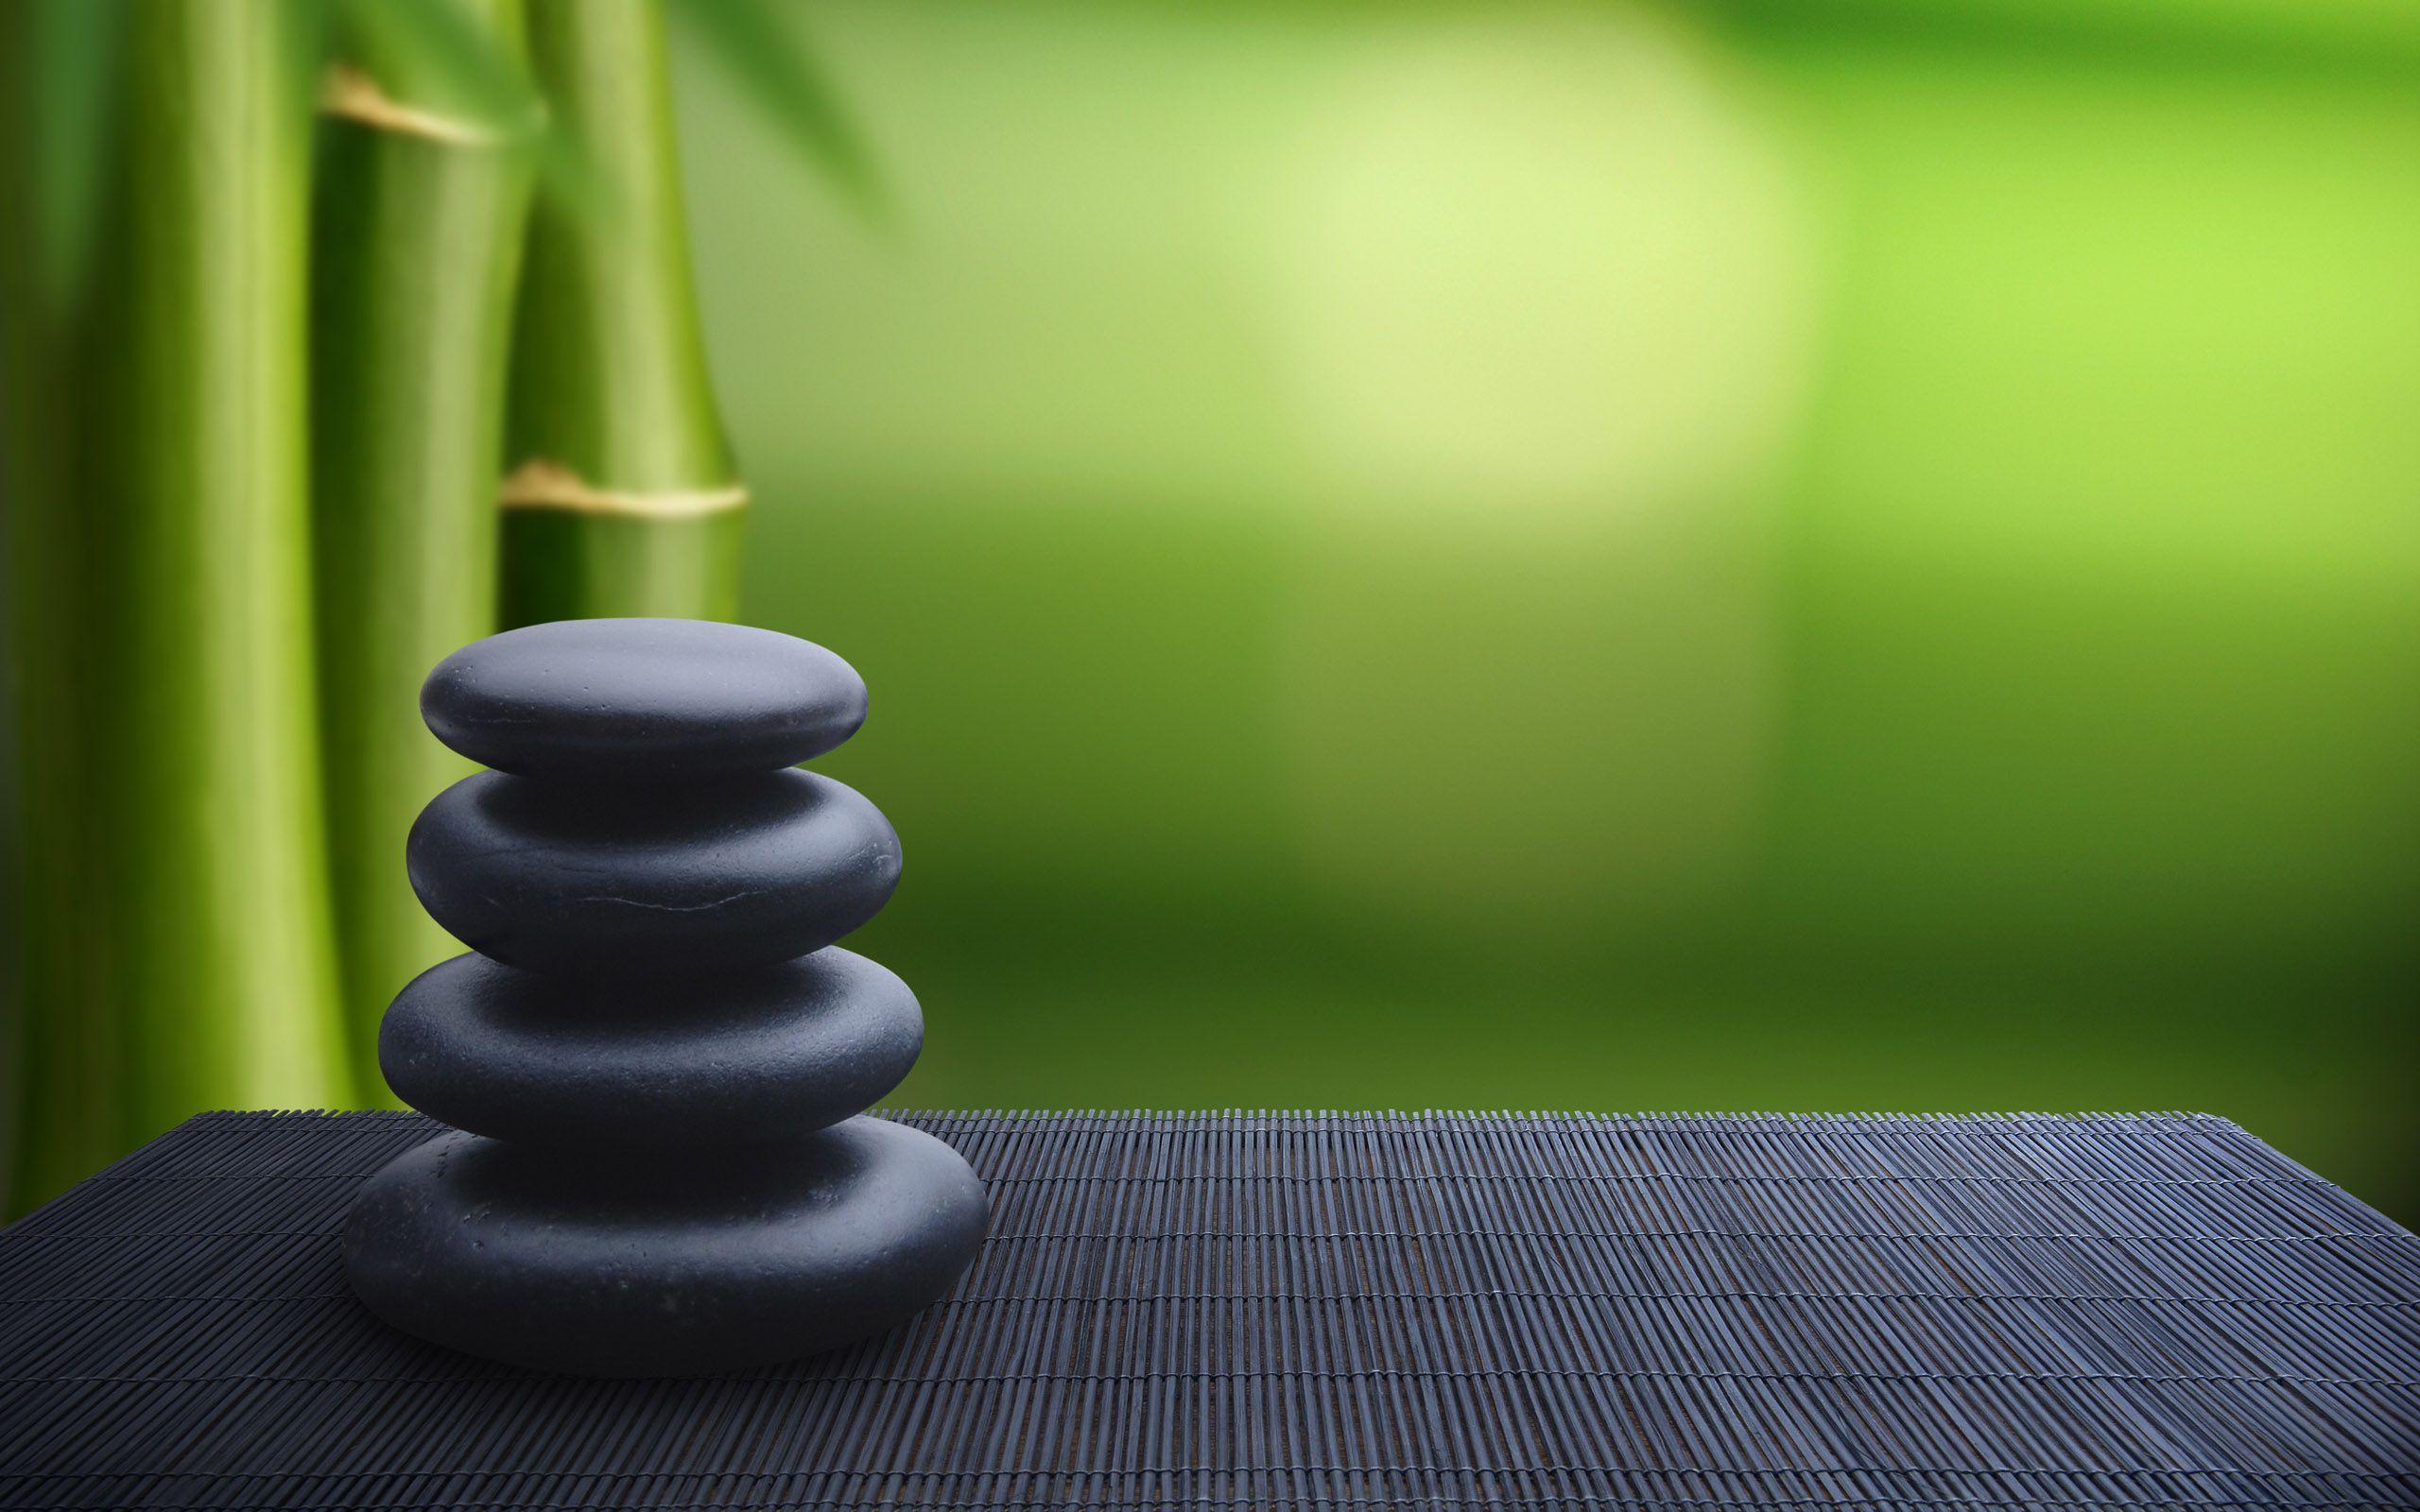 Relaxing zen desktop wallpaper for your desktop or laptop